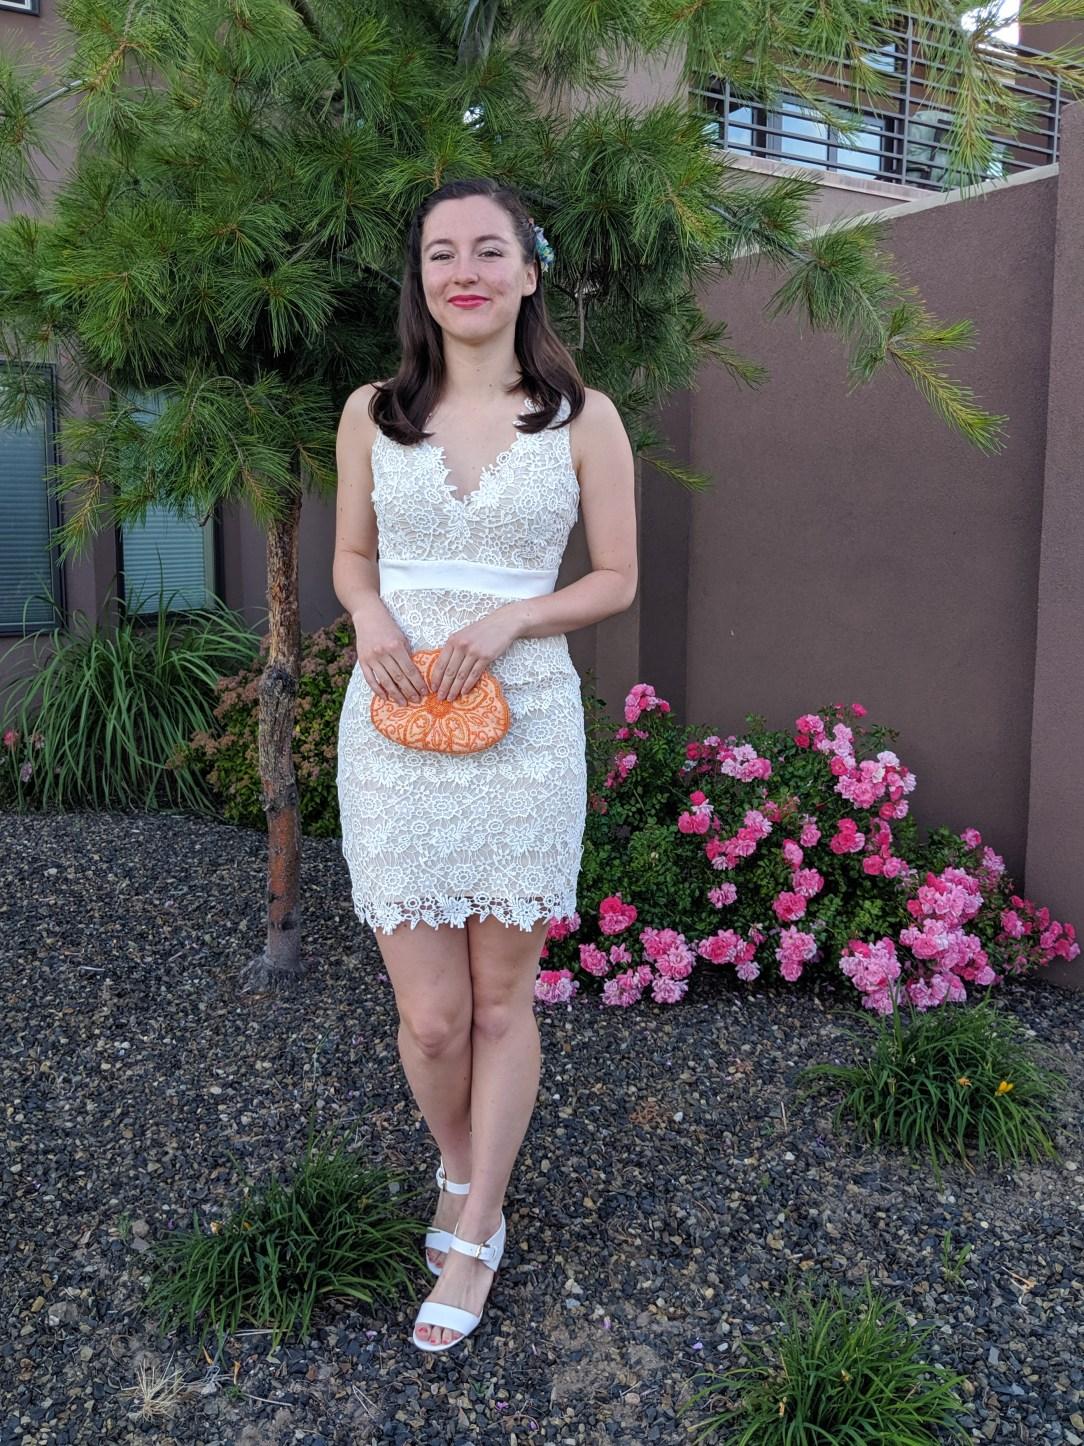 ways to wear a white dress